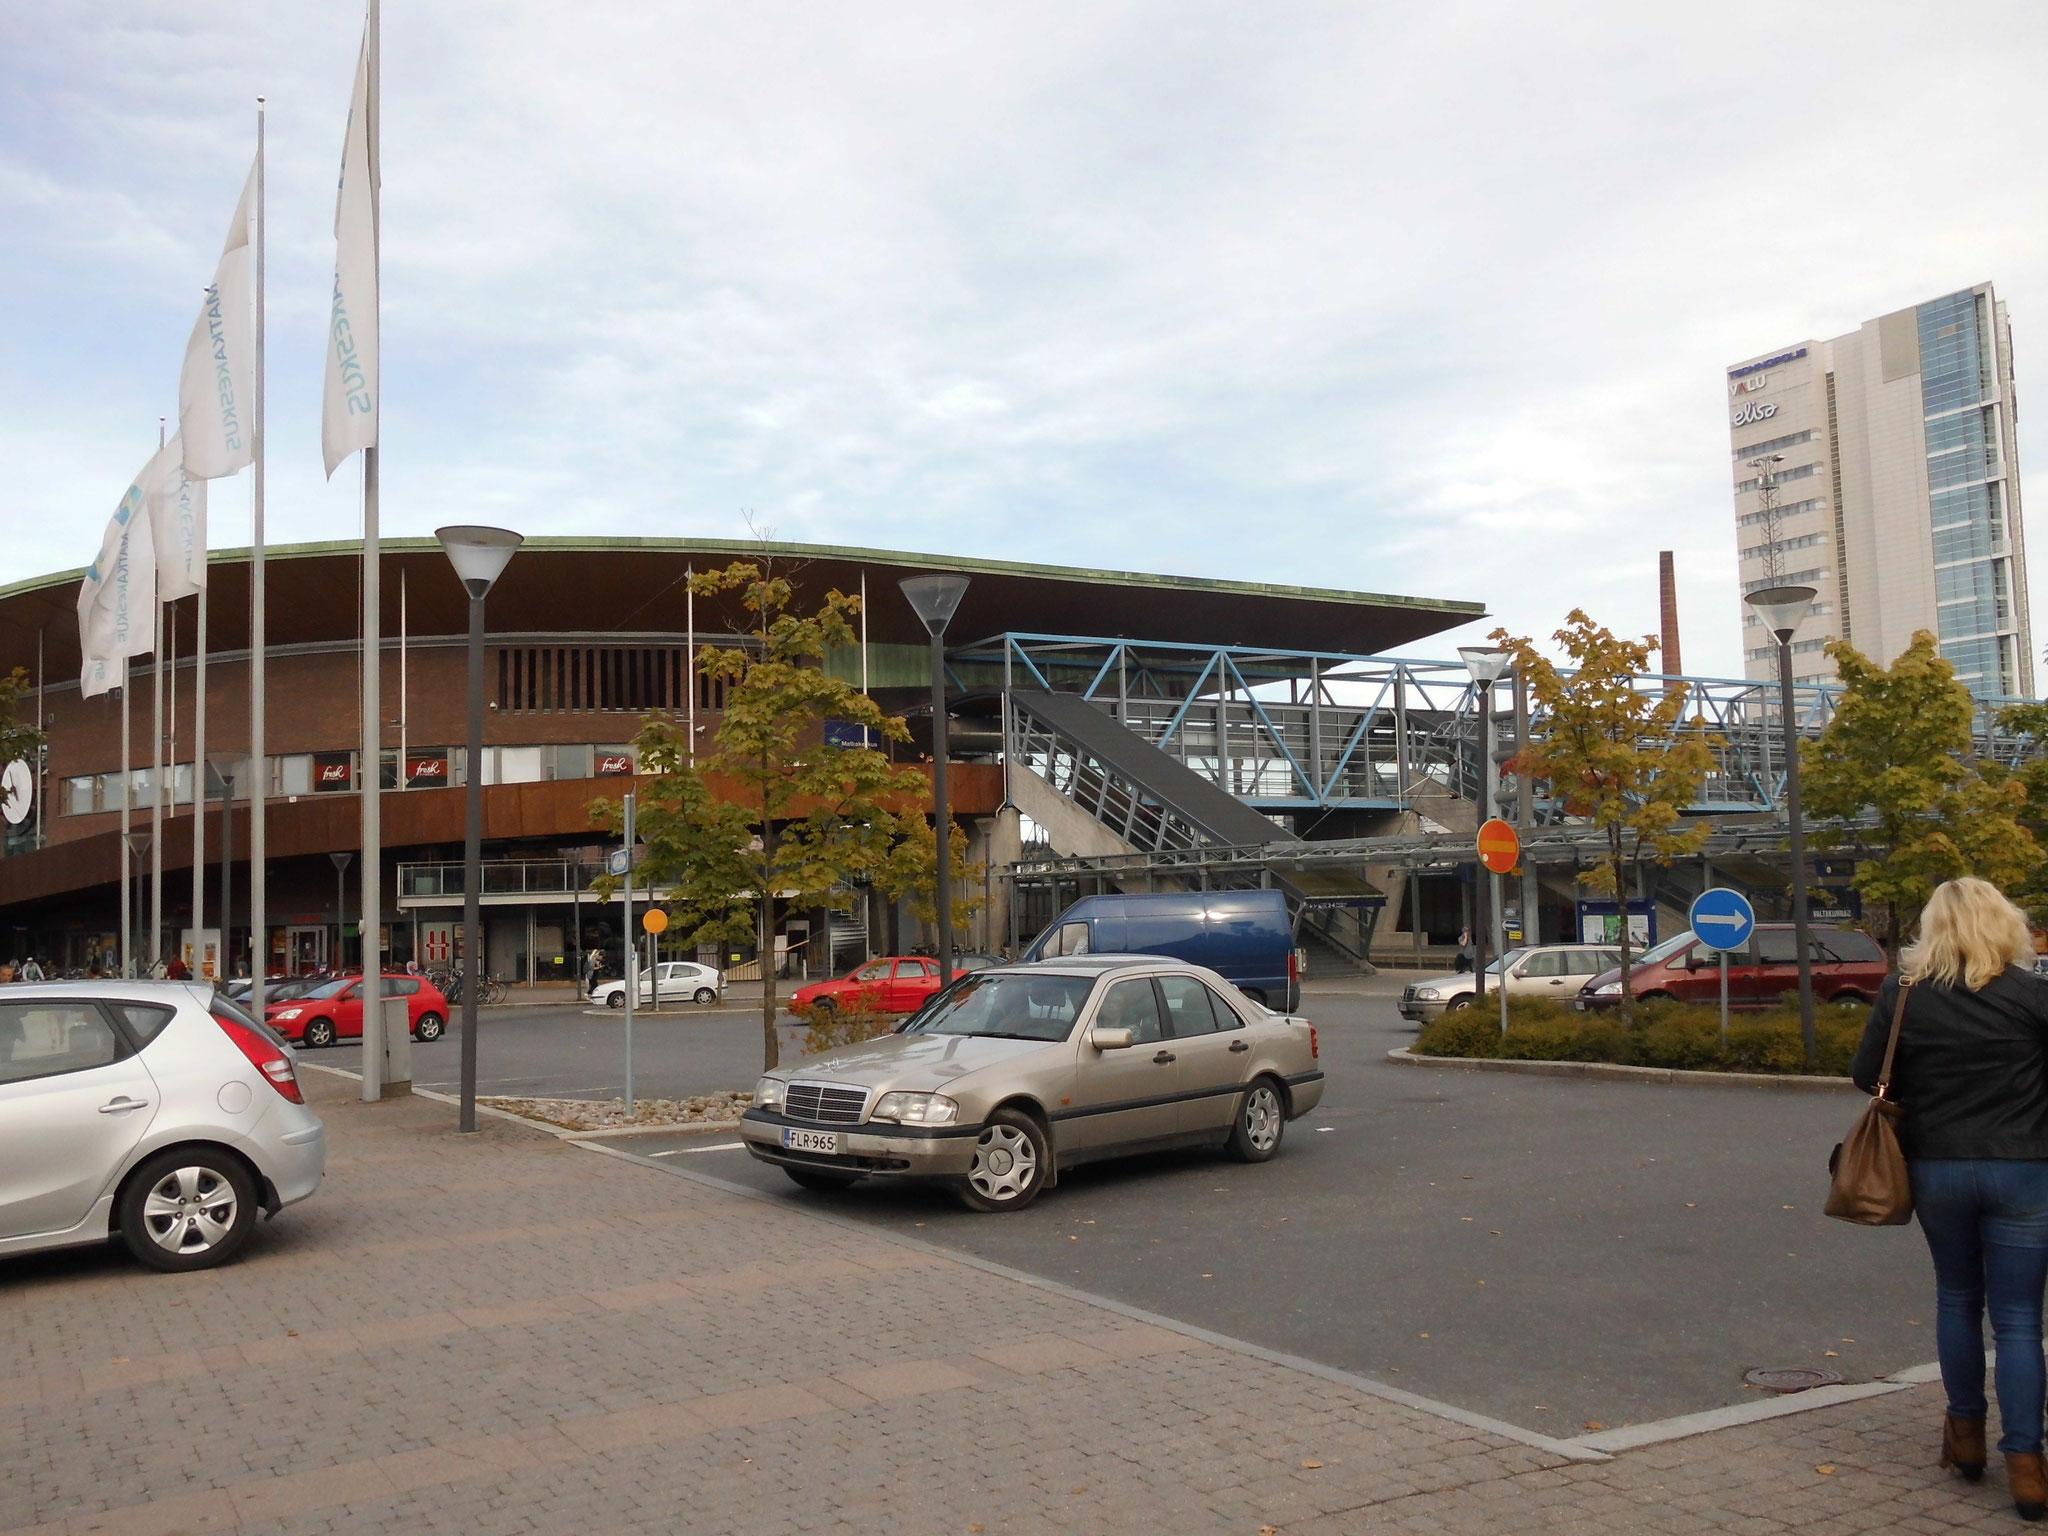 Der Blick zurück vom Hotel auf den Bahnhofsvorplatz und die Brücke.